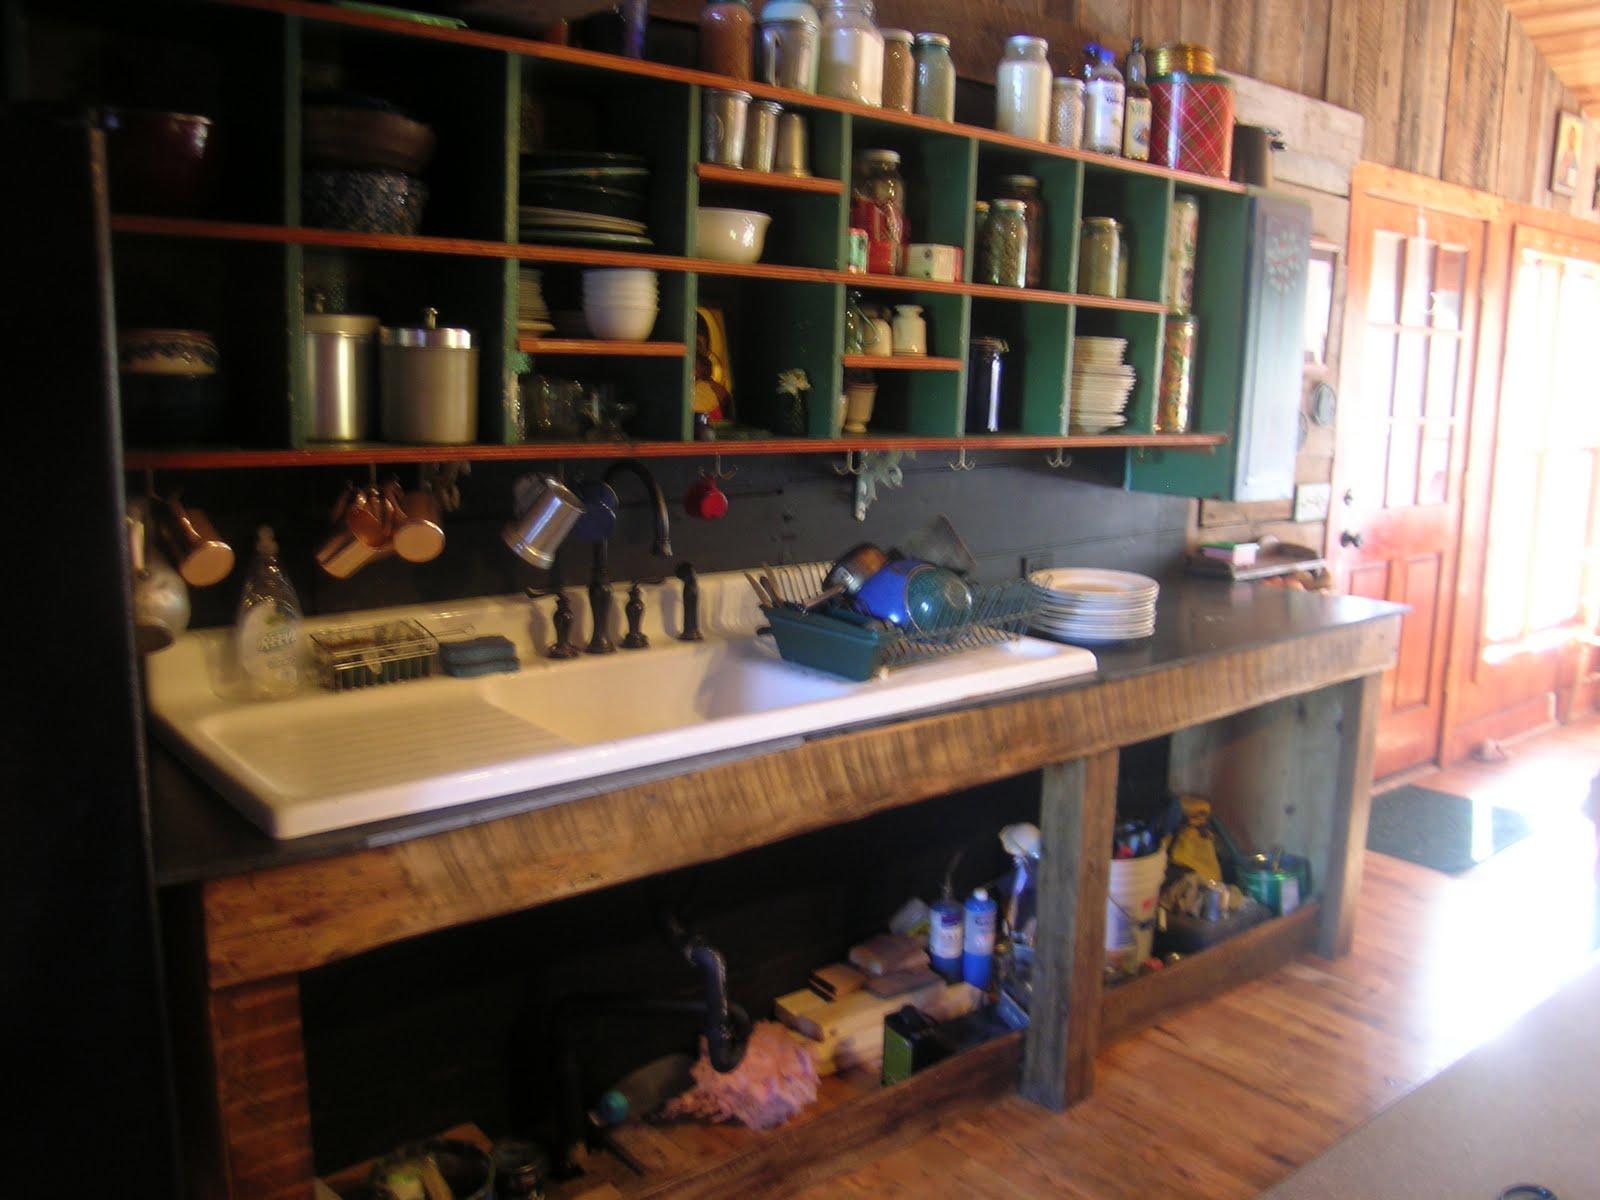 House Art Journal: Homemade Sink Cabinet